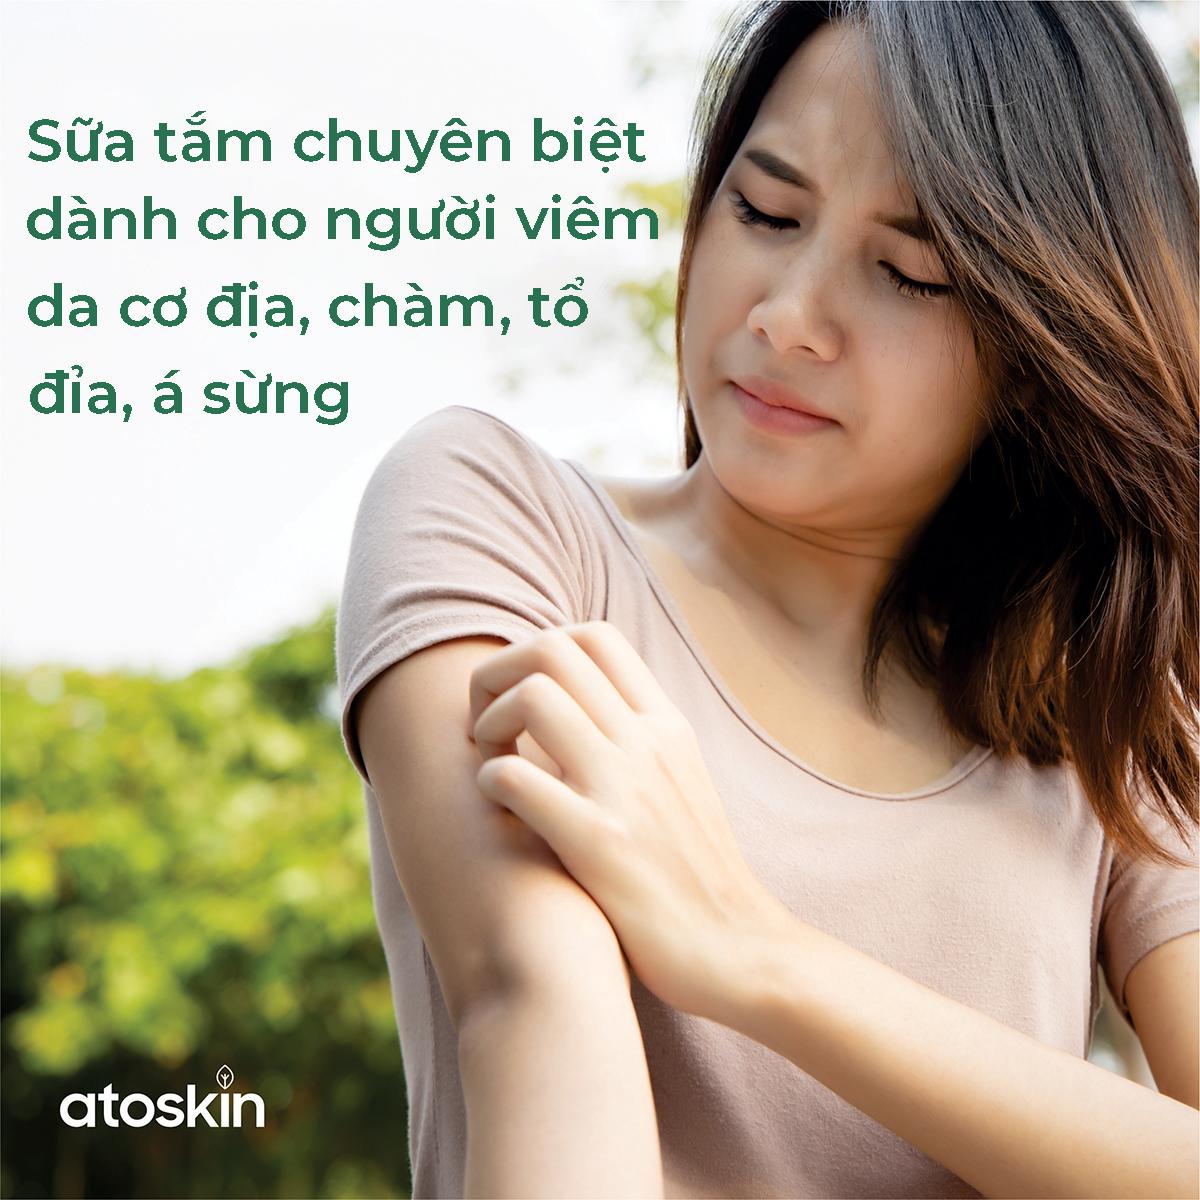 Atoskin - Sữa tắm chuyên biệt dành cho người viêm da cơ địa, chàm, tổ đỉa, á sừng